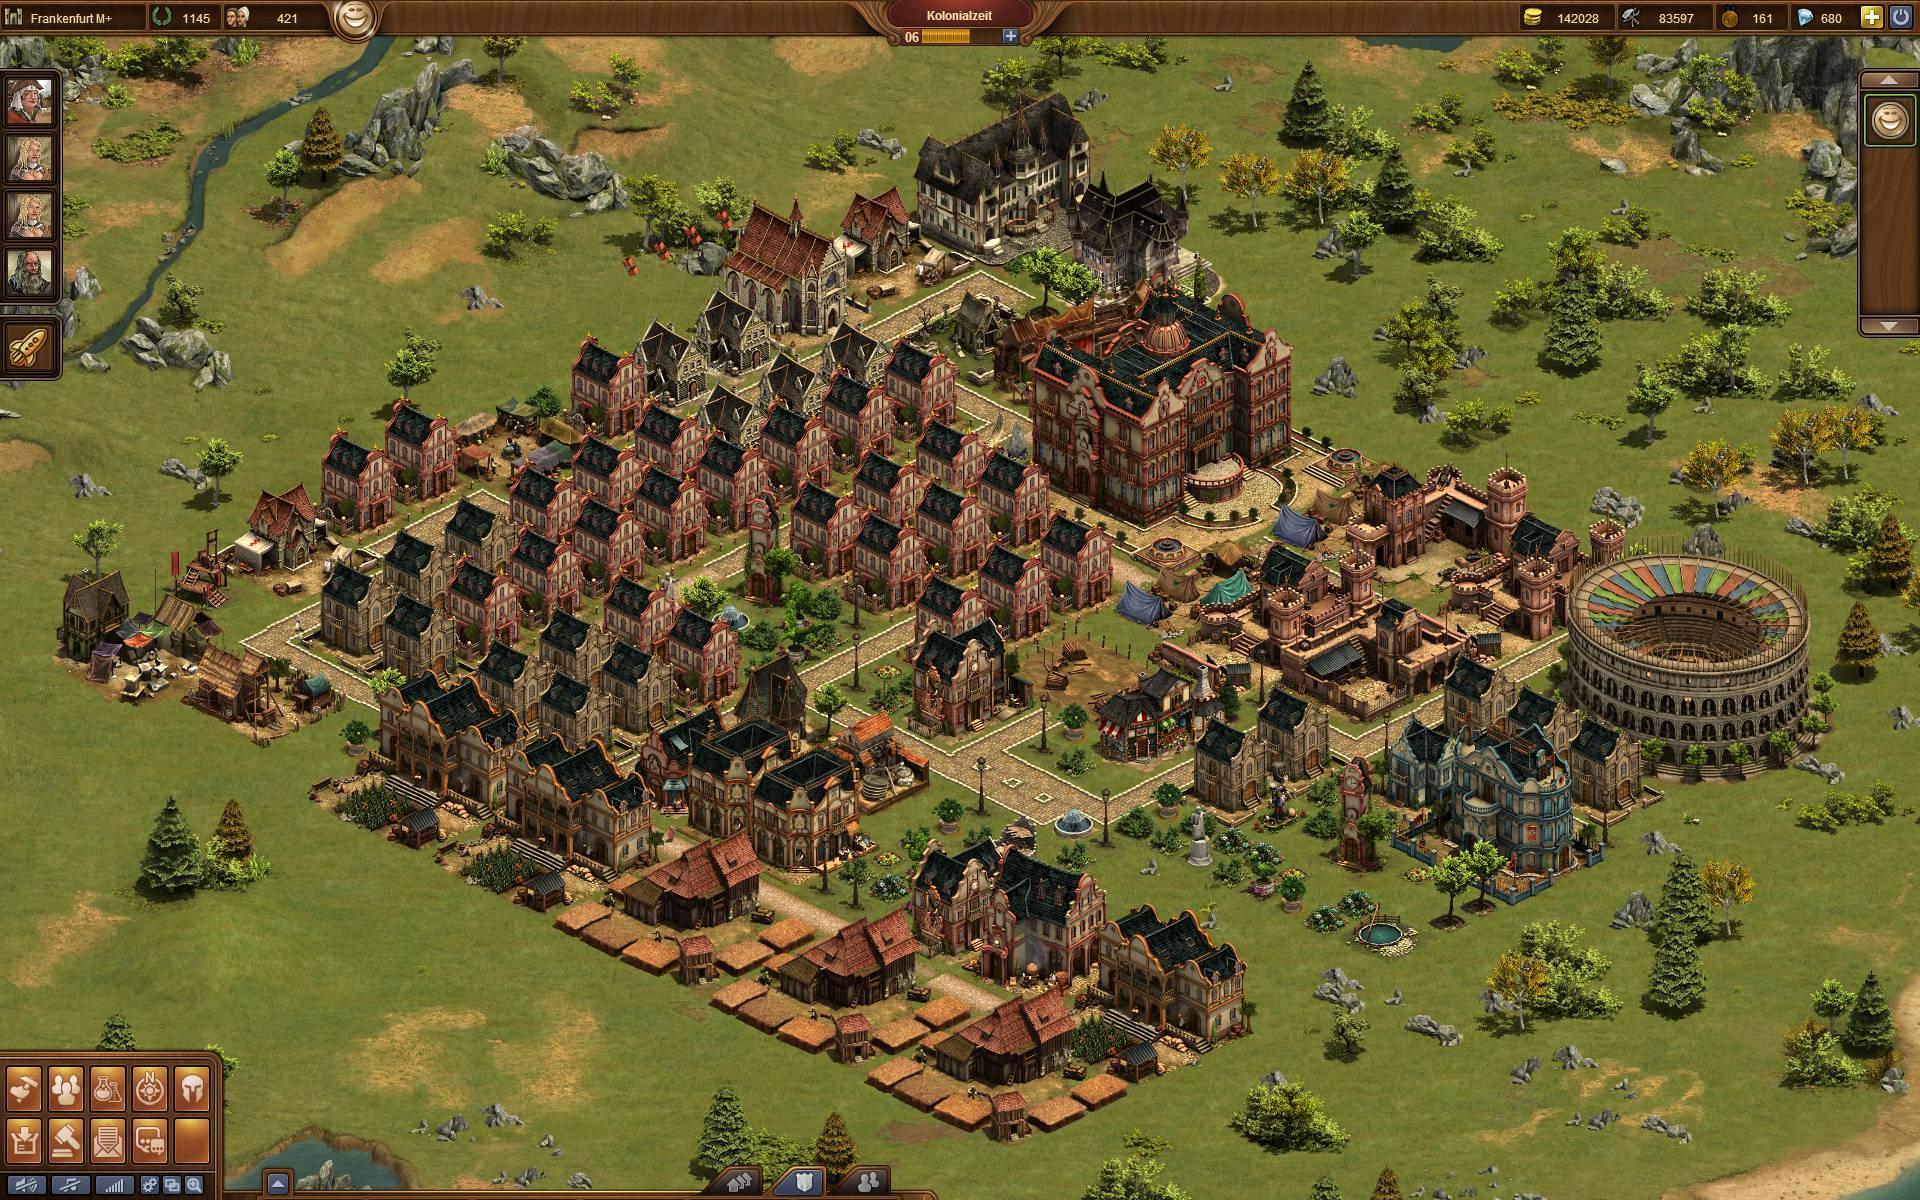 Karte Der Kontinente Foe.Forge Of Empires Aufbaustrategiespiel Für Den Feierabend 2012